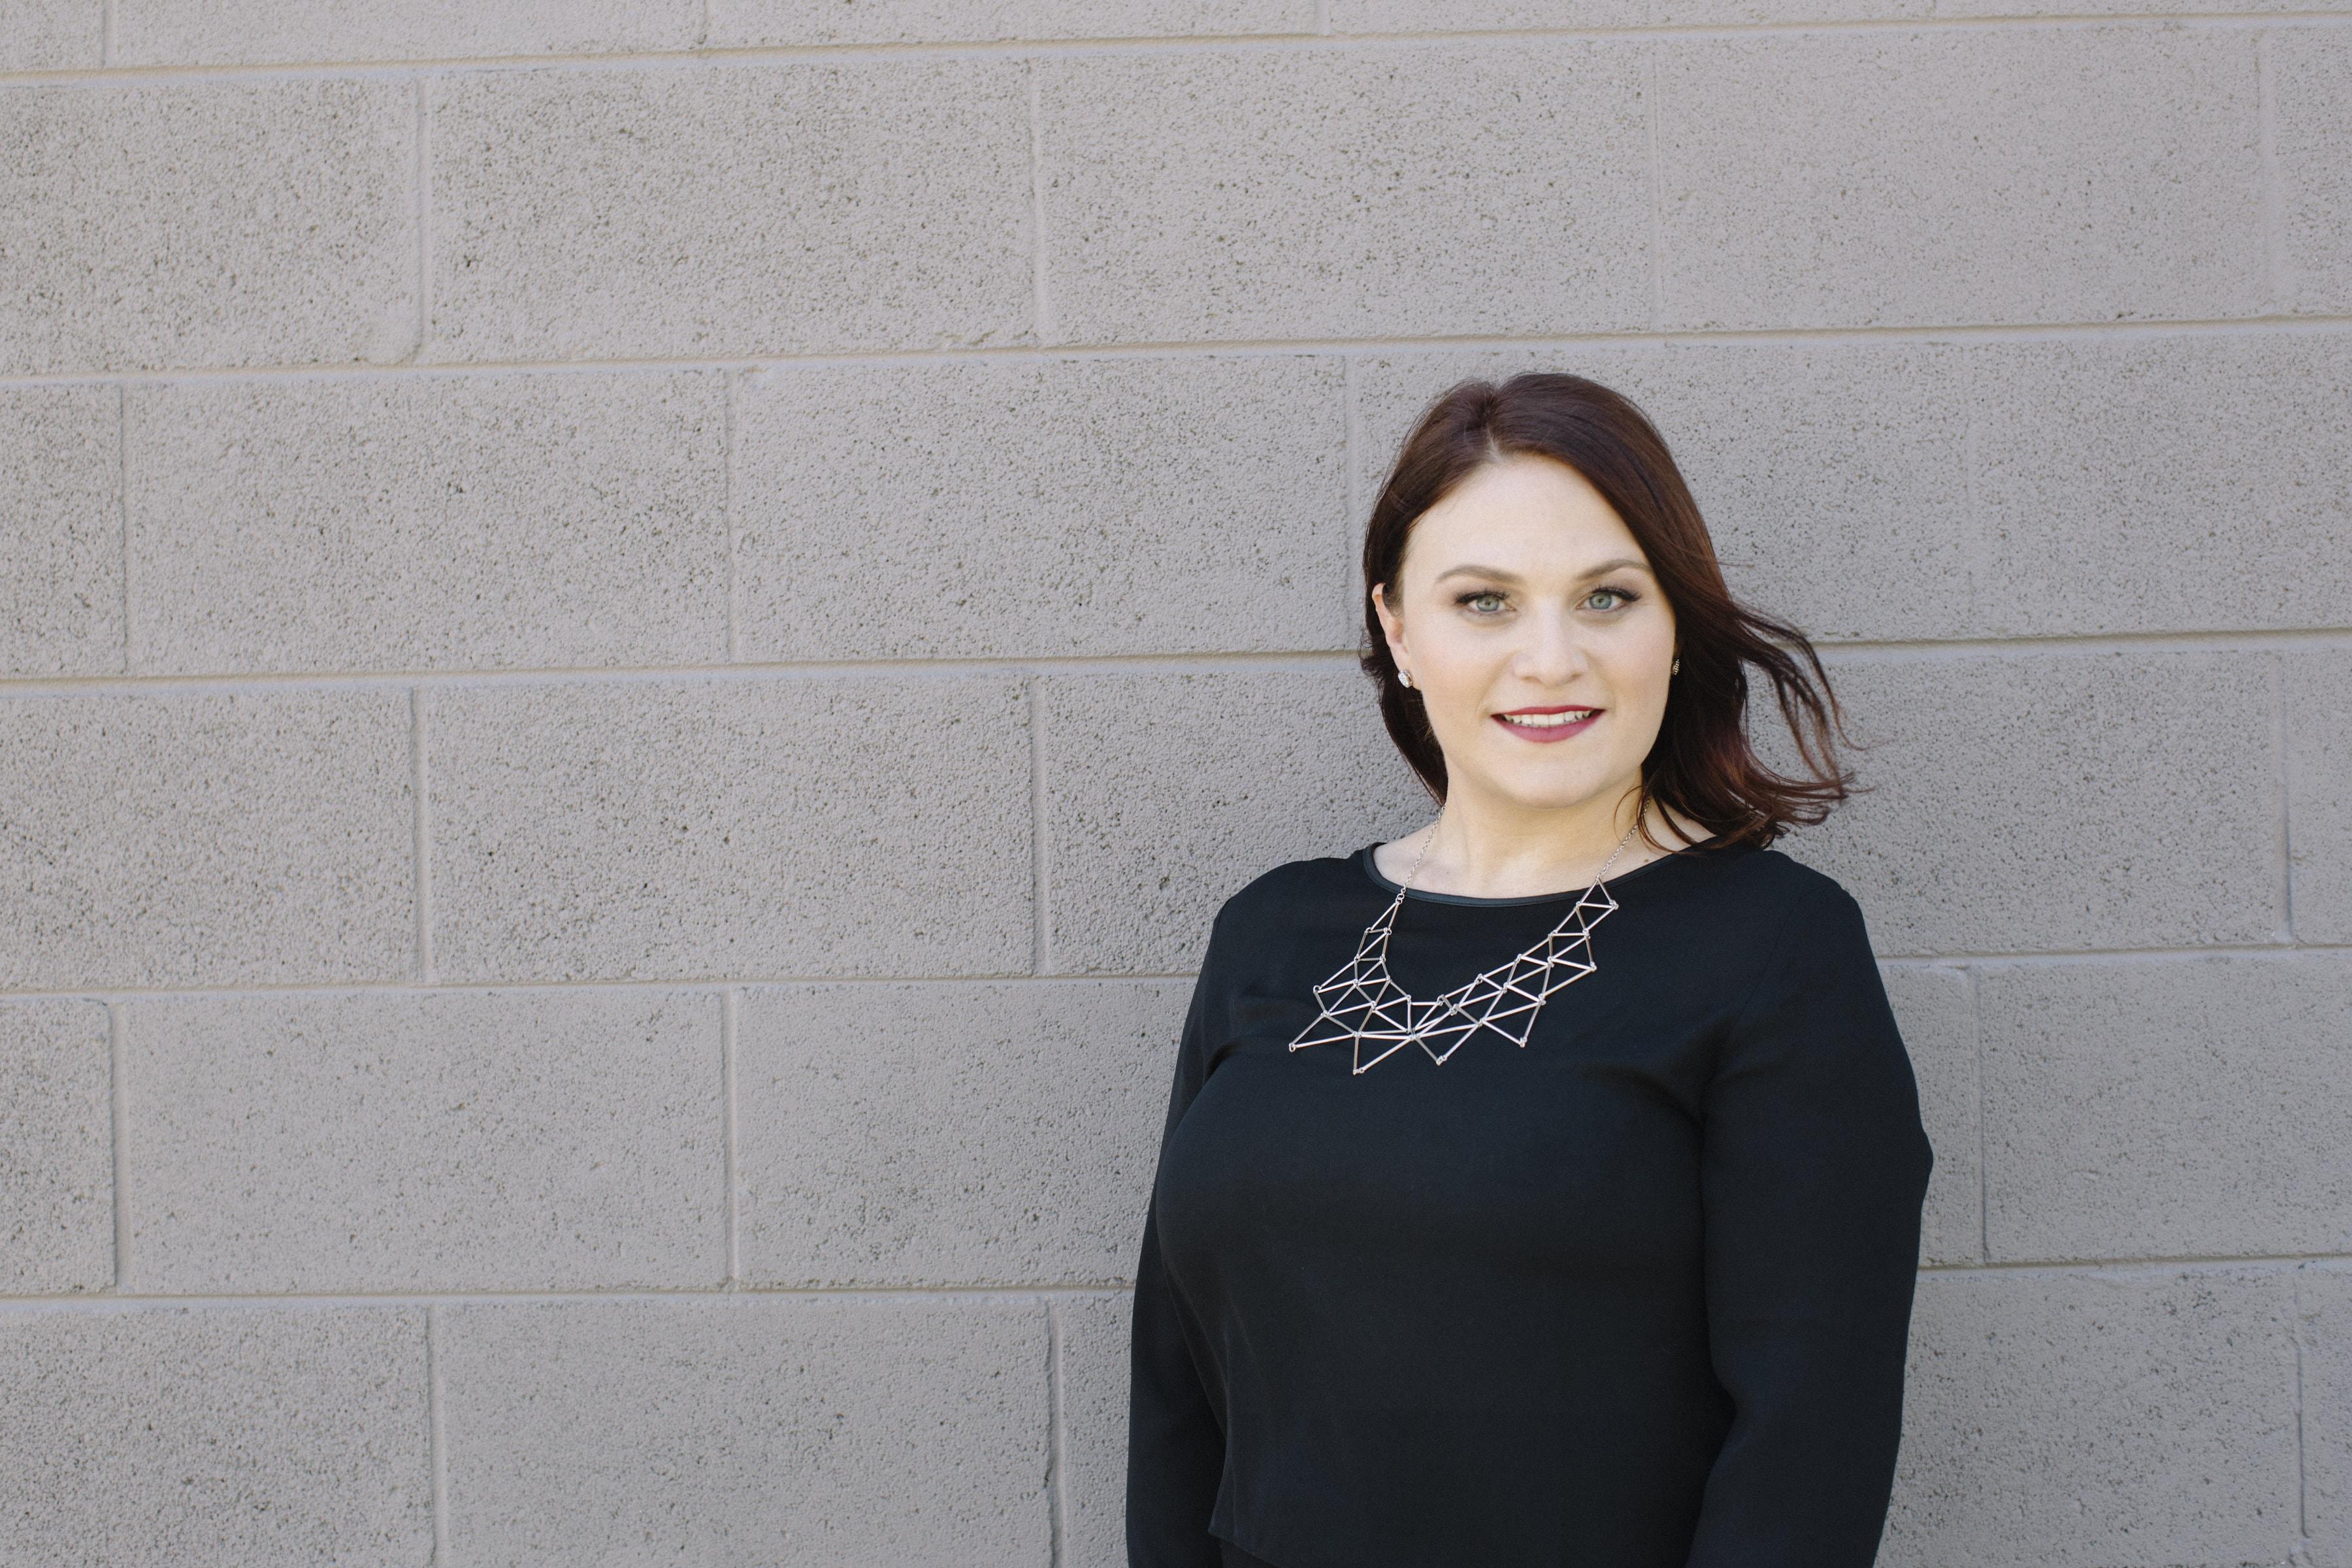 Lauren Smith Hourglass Productions